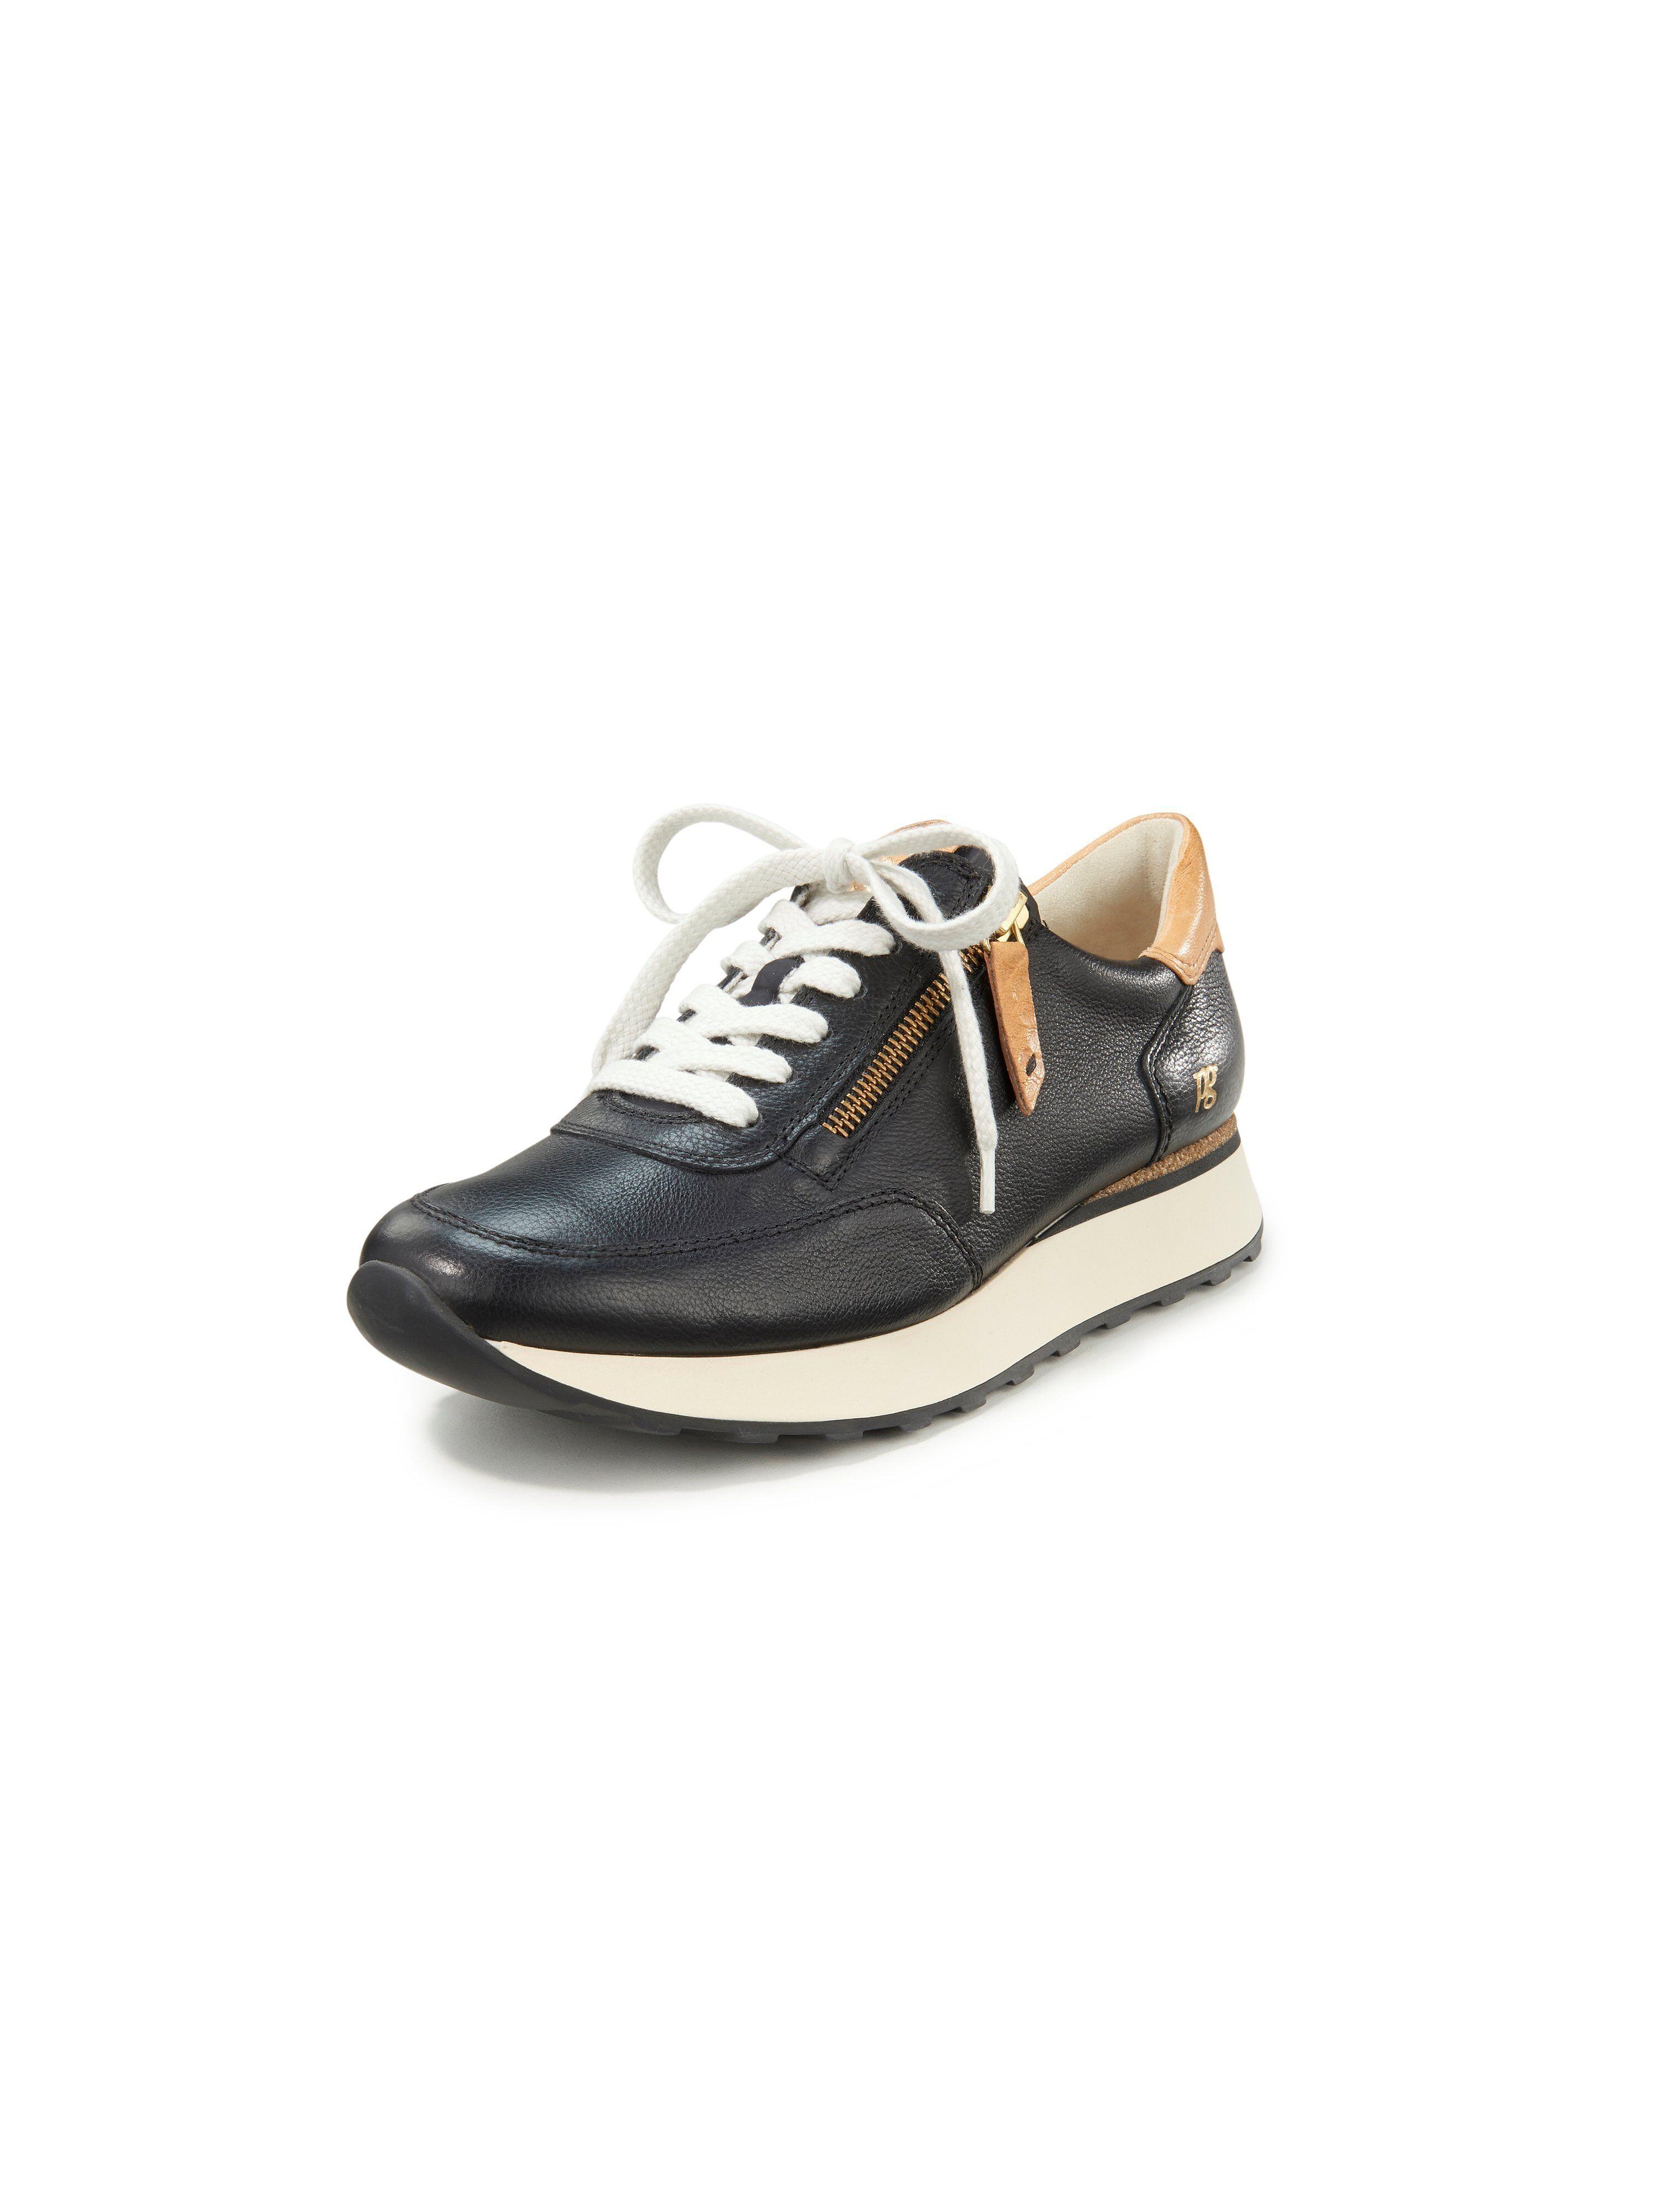 Paul Green Sneakers i kalvenappaskind Fra Paul Green sort